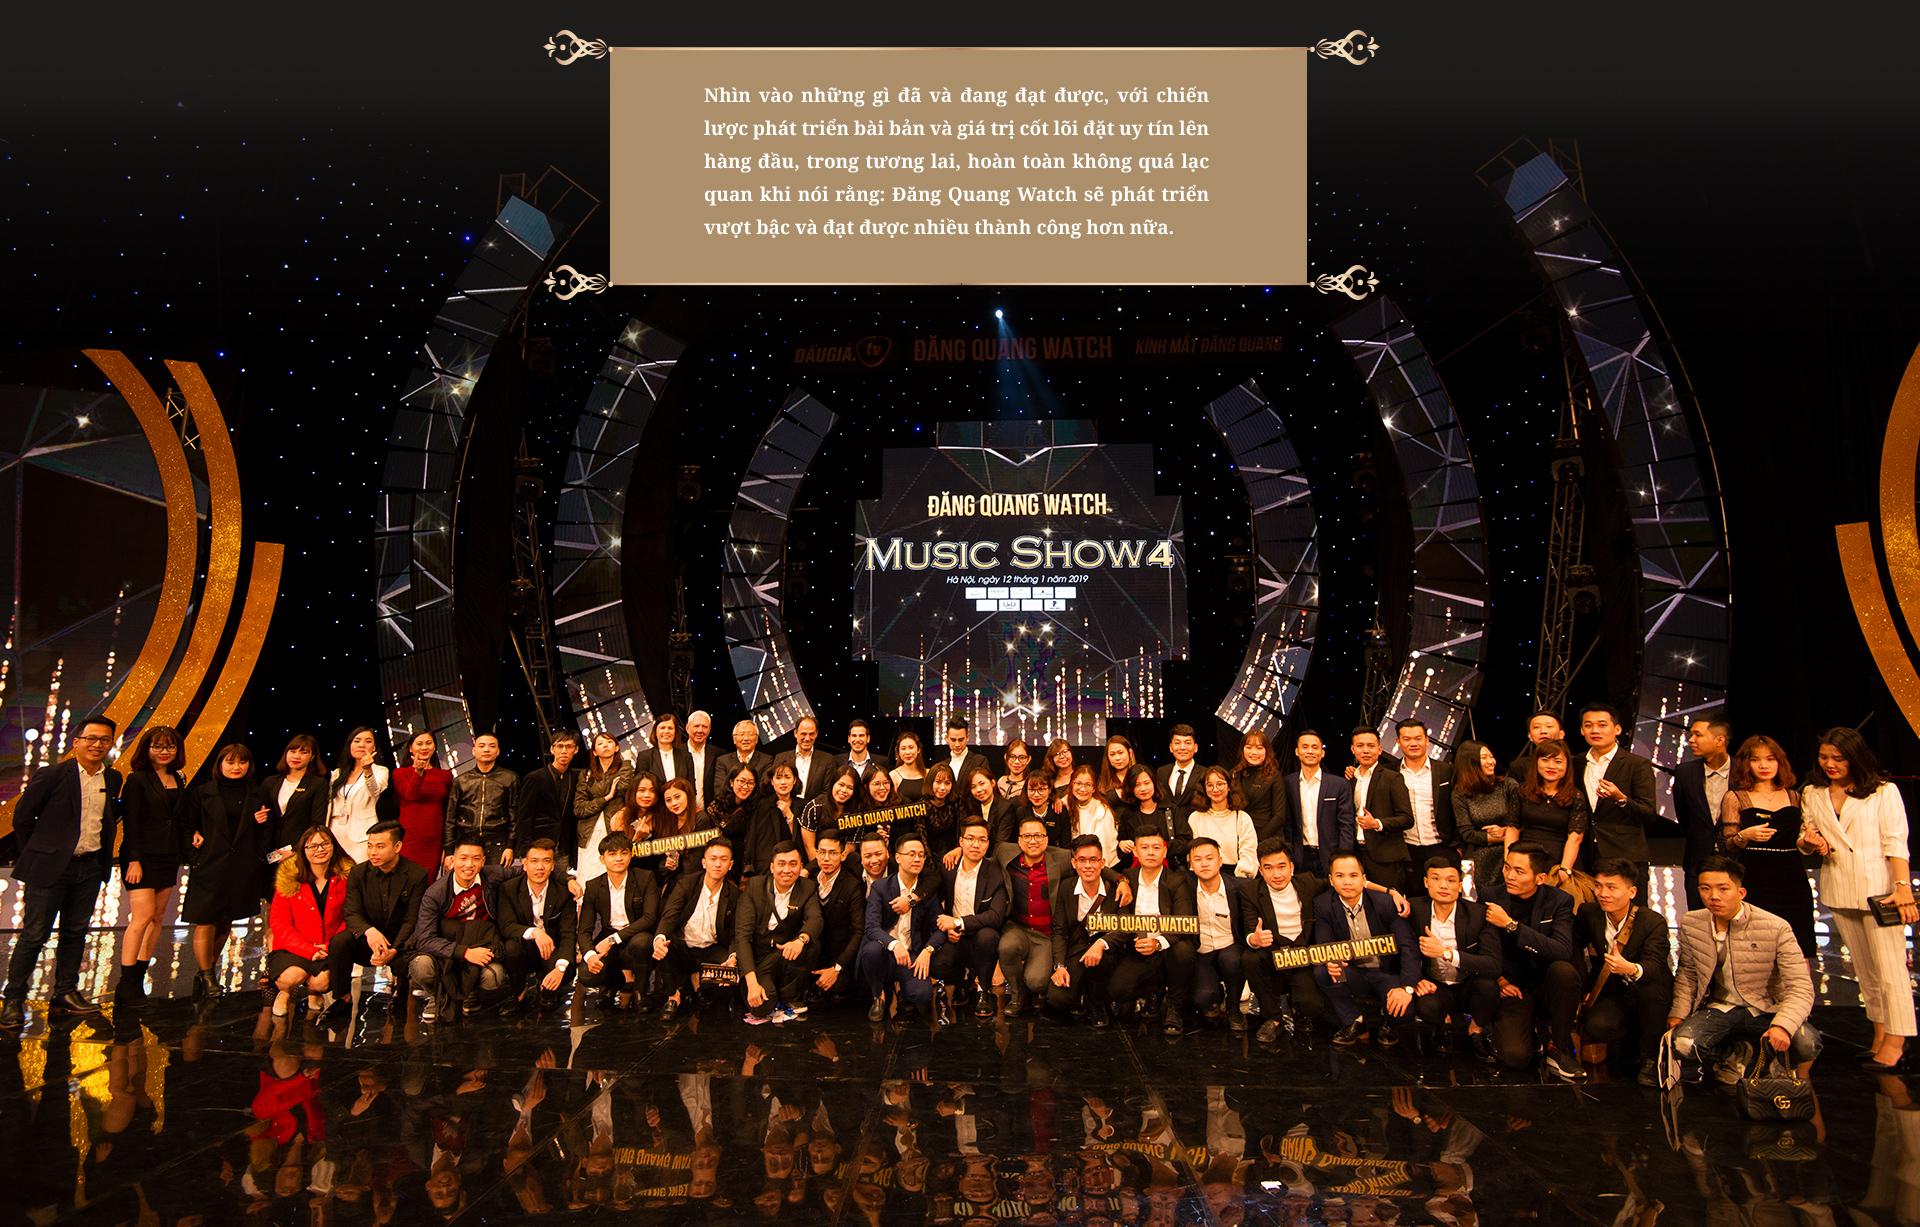 """Đặng Vinh Quang – CEO Đăng Quang Watch: """"Uy tín là giá trị cốt lõi, bền vững nhất của một thương hiệu"""" - 24"""